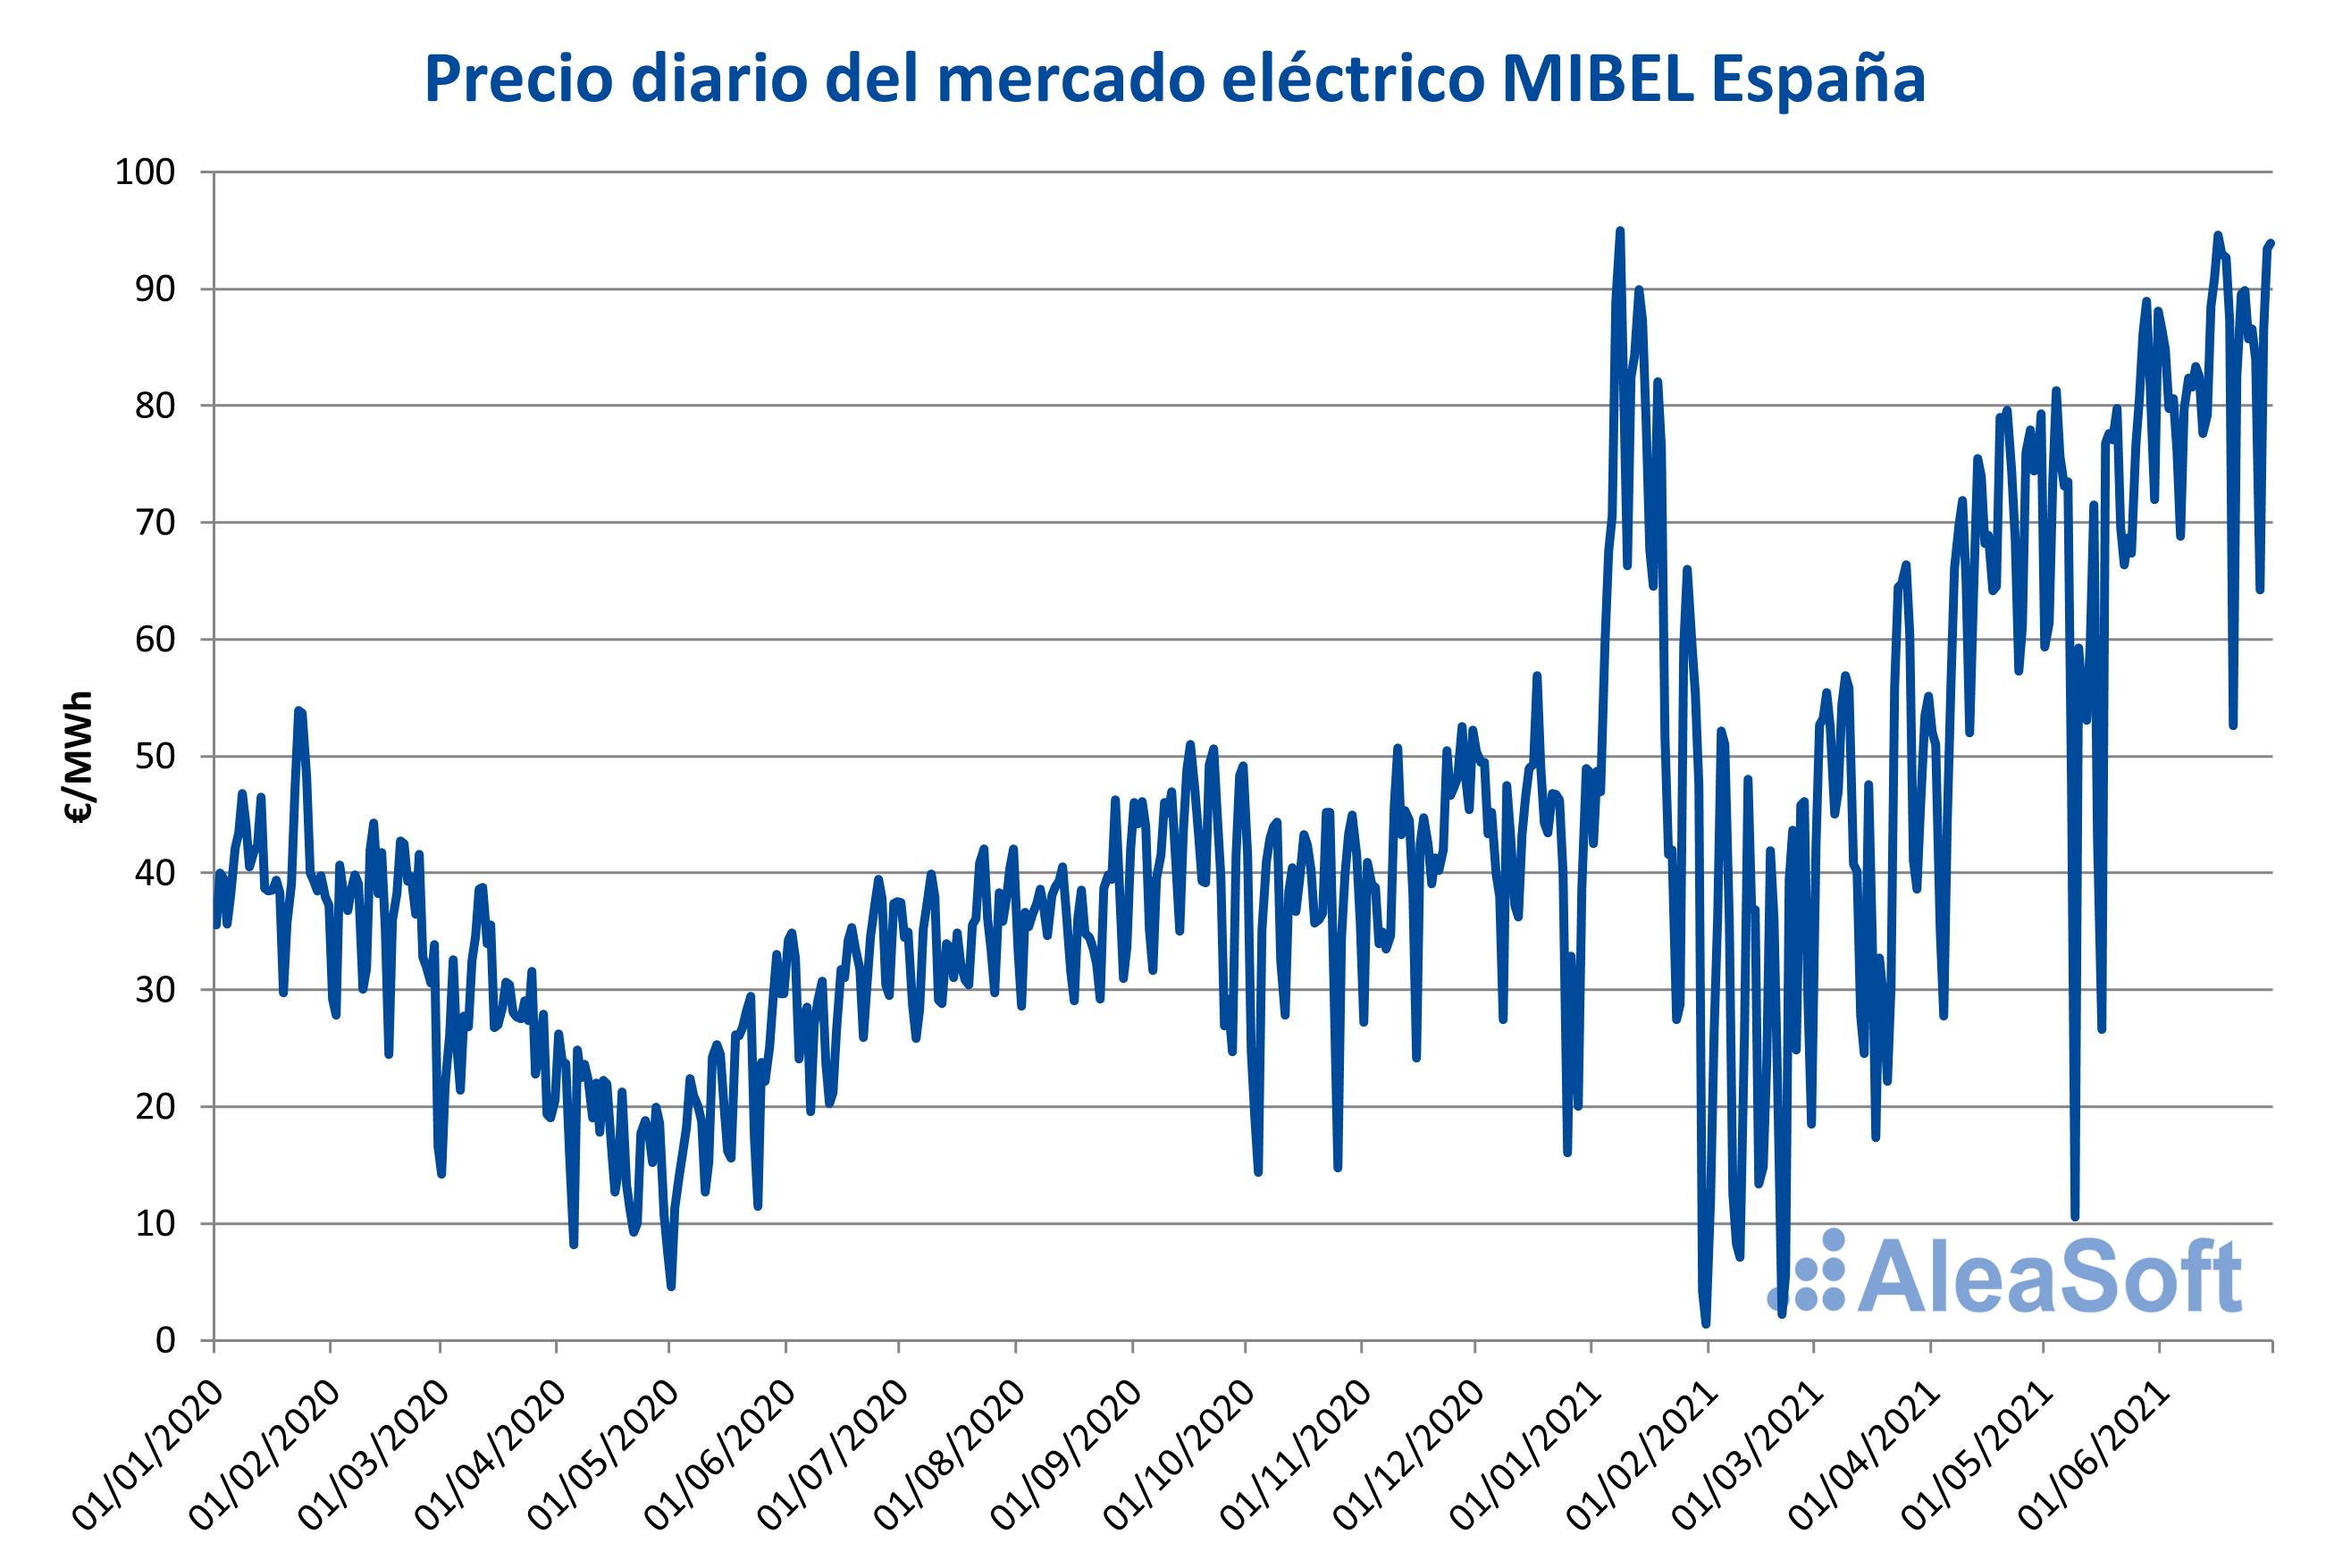 AleaSoft - Precio diario mibel espana